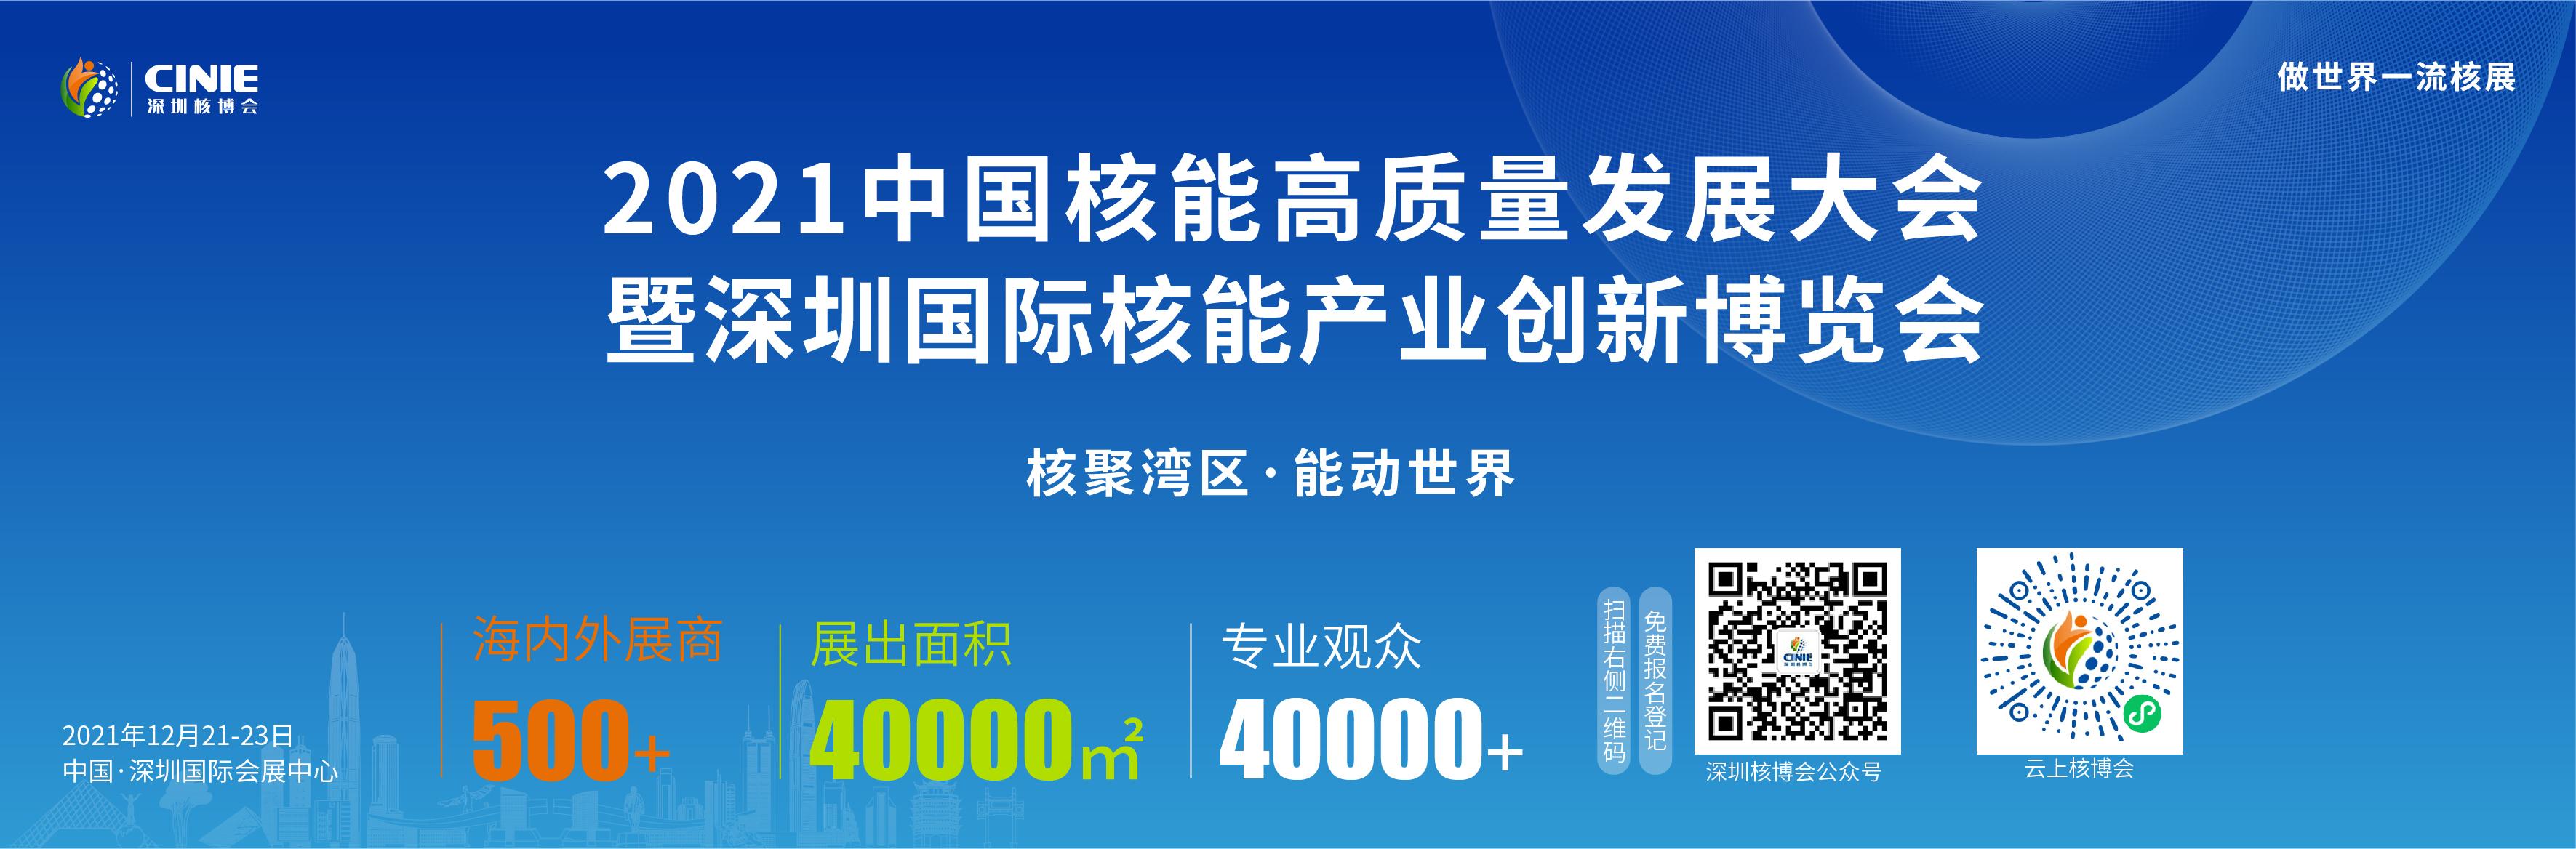 深圳核博会